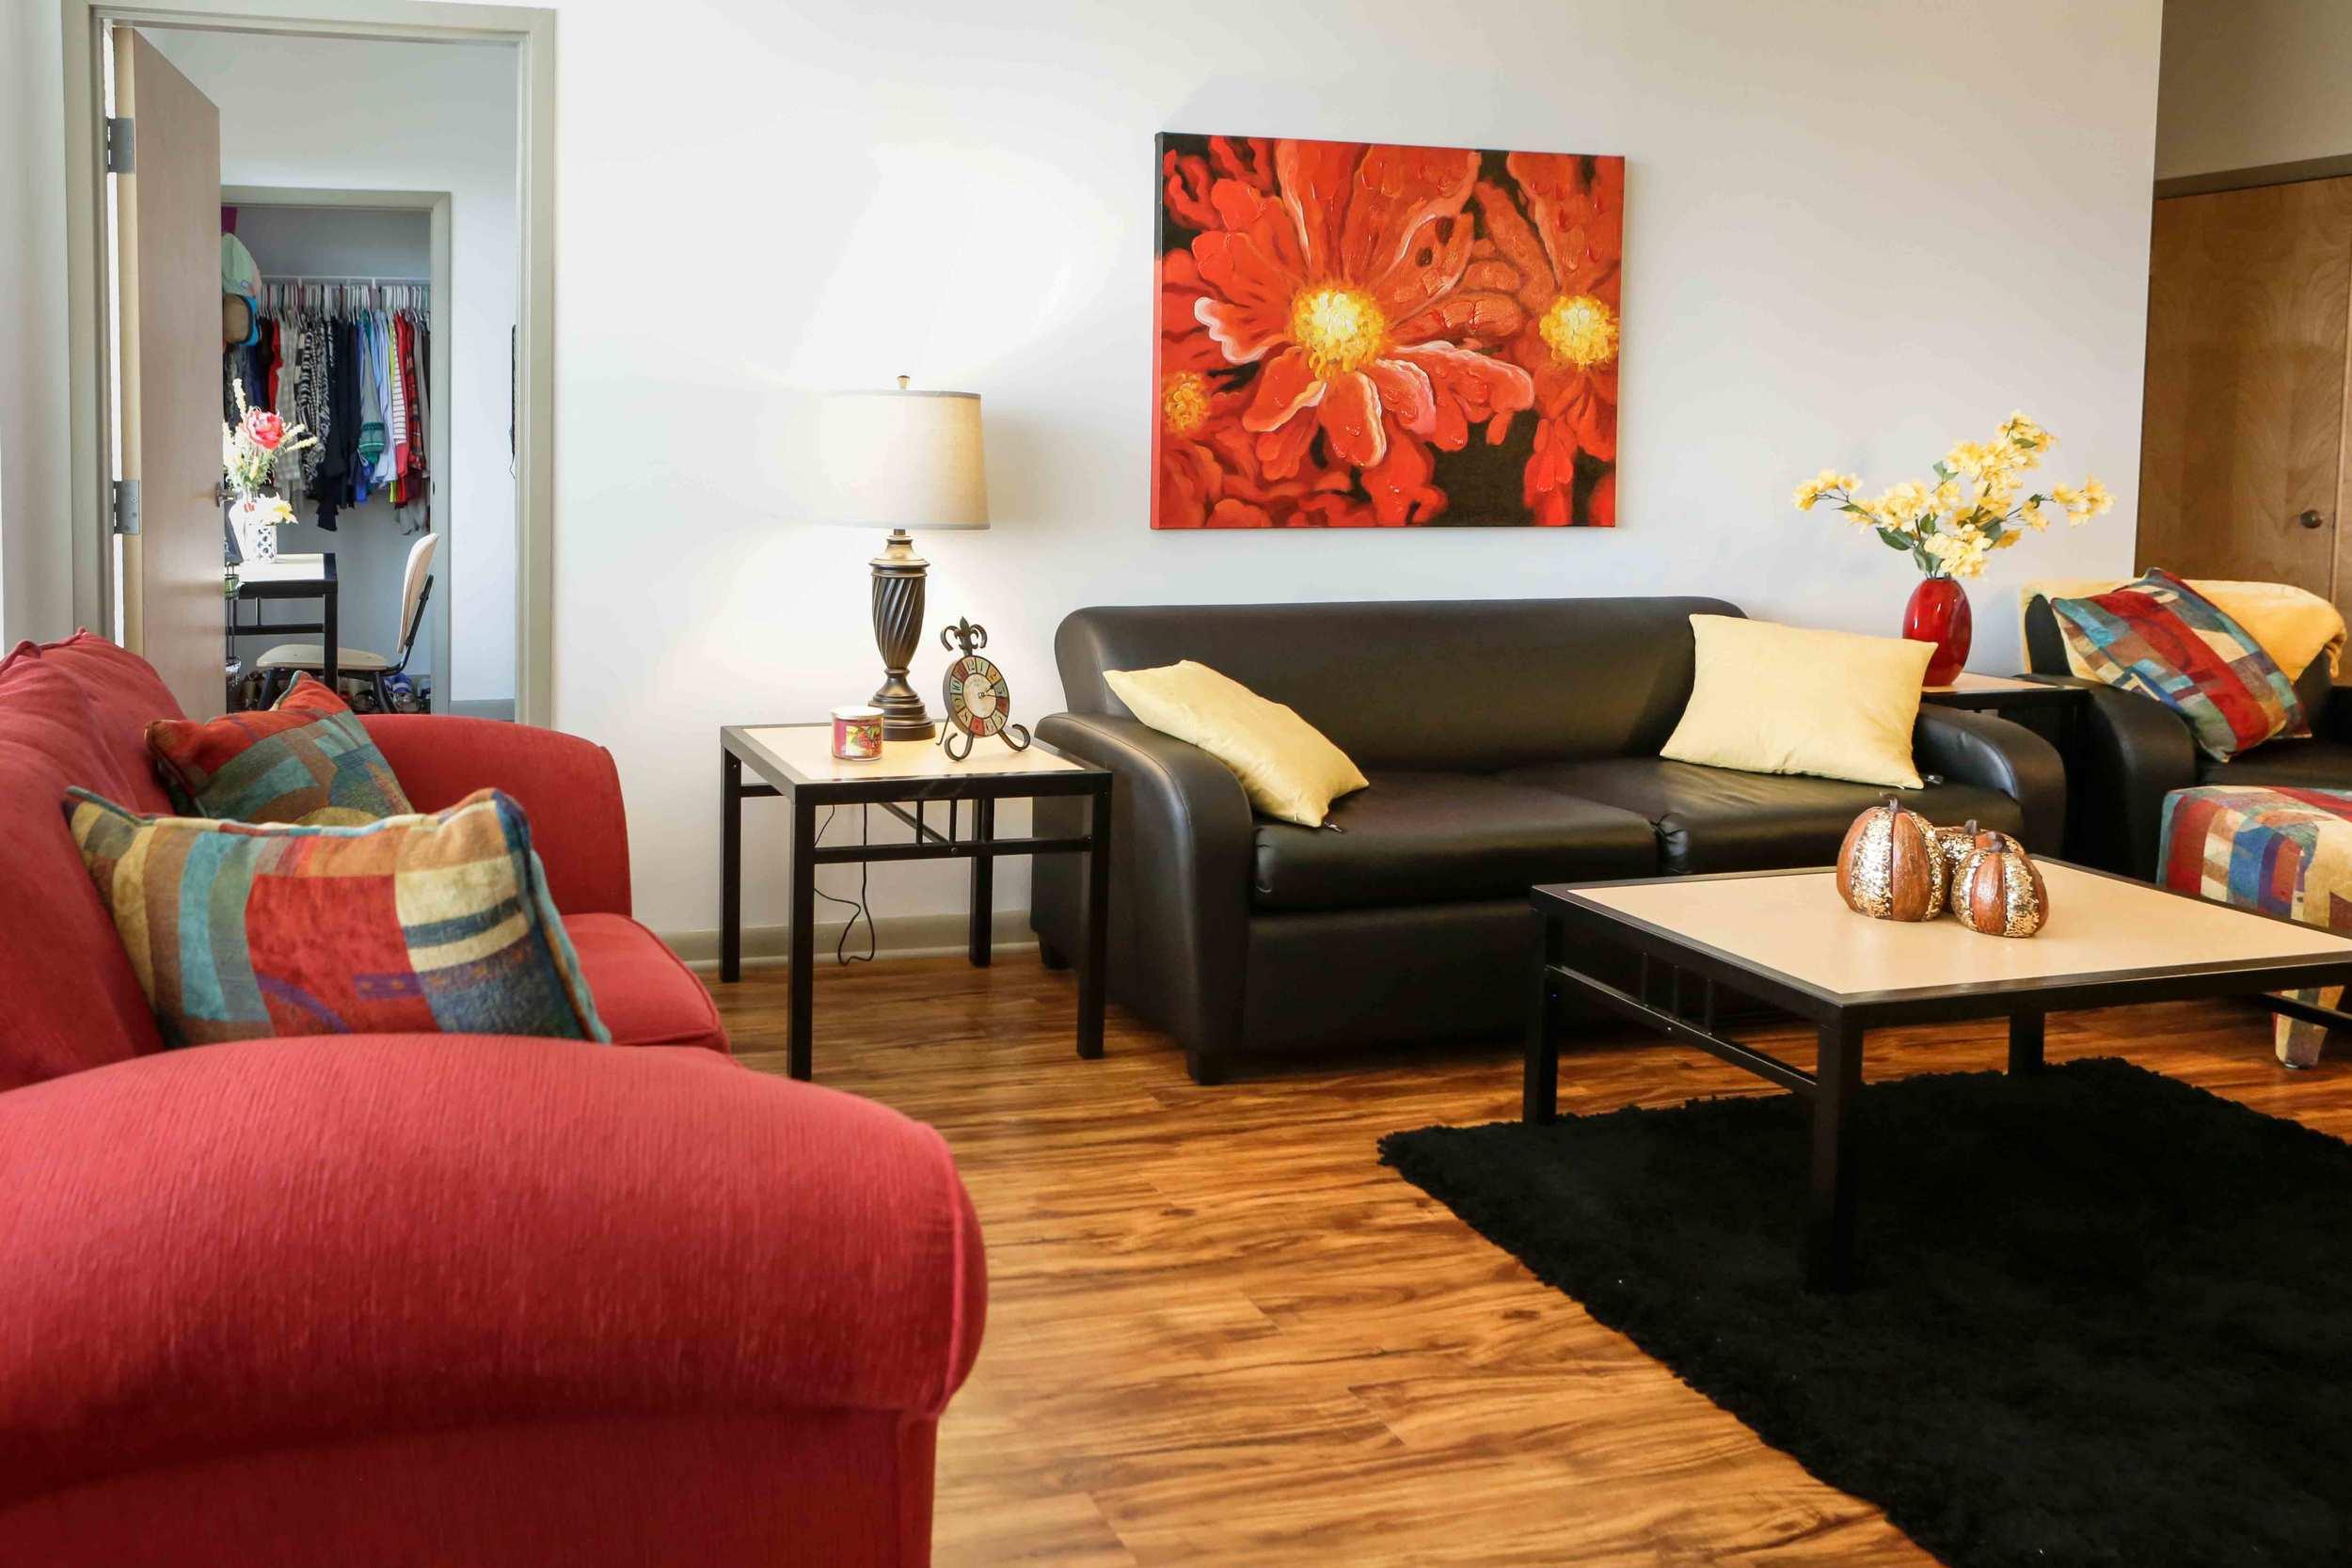 Tattnall-Square-Living-Room2.jpg